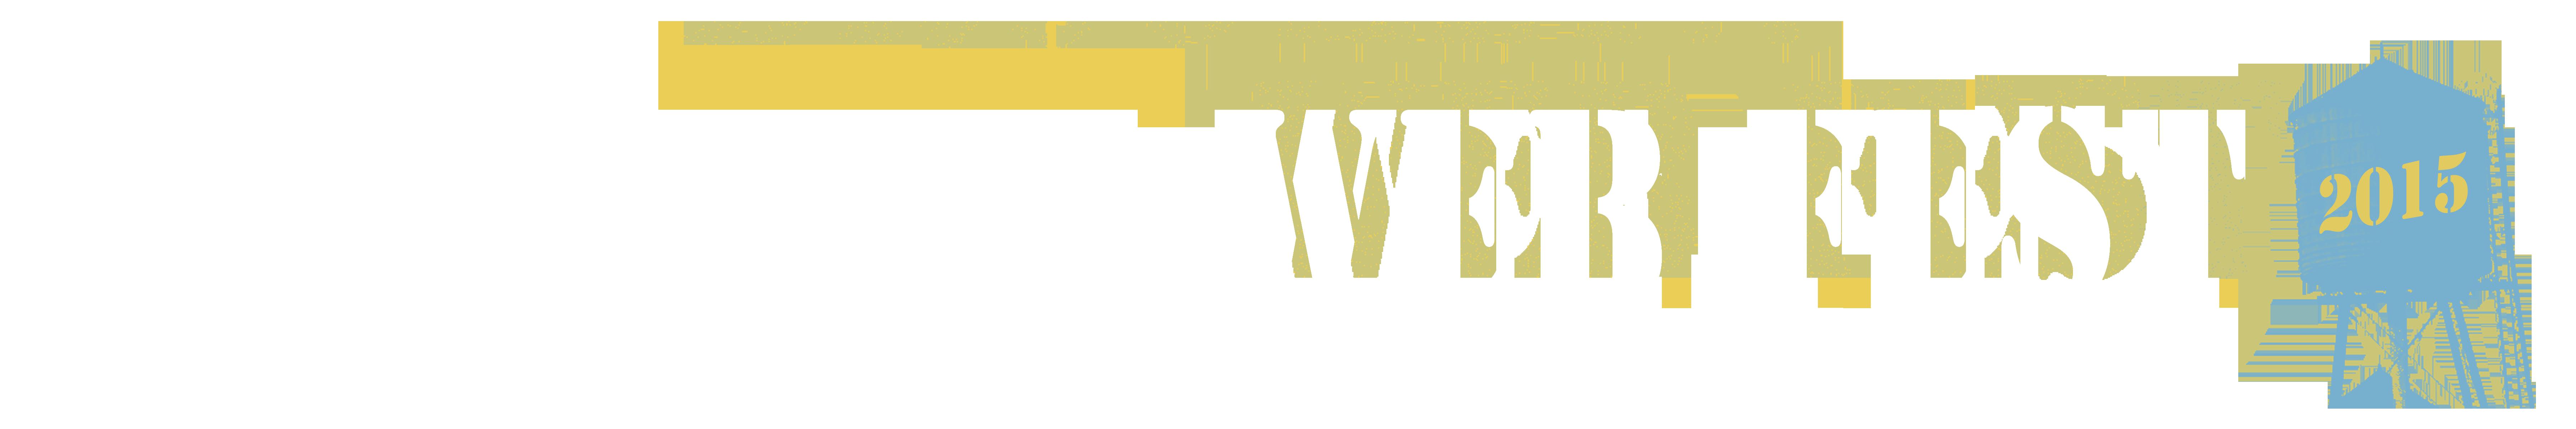 Brooklyn Web Fest